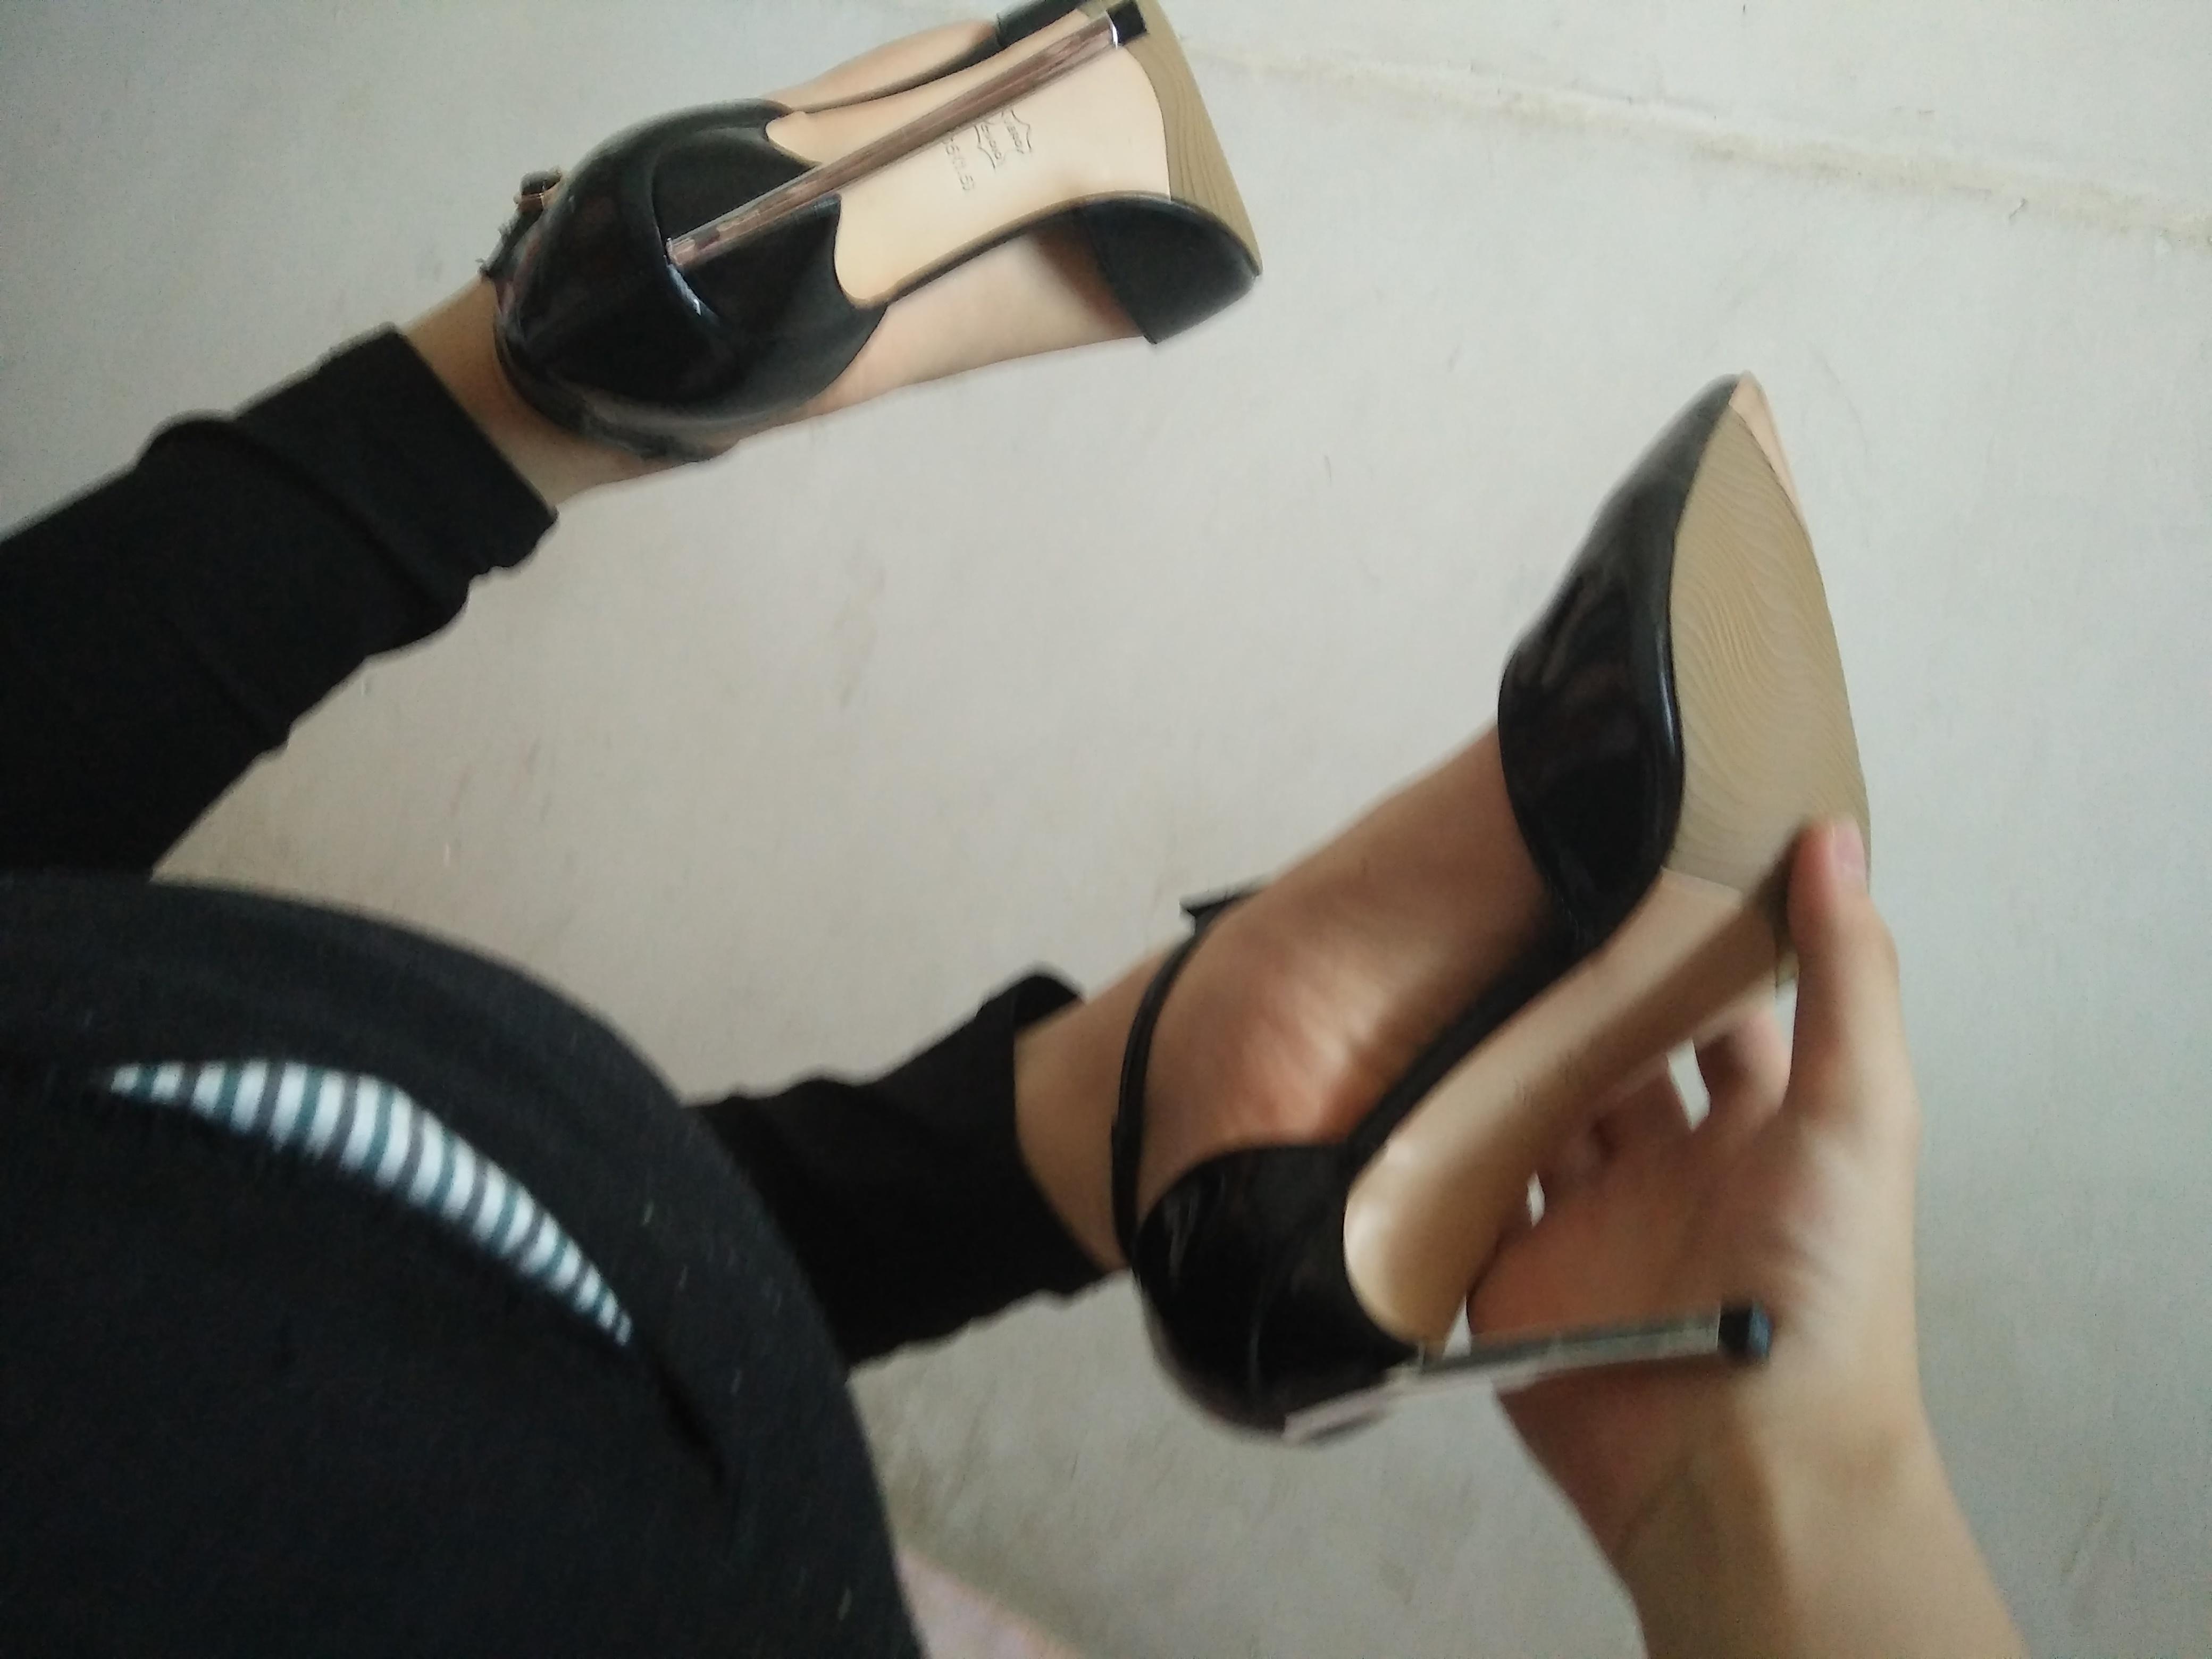 梦见自己穿高跟鞋是什么意思